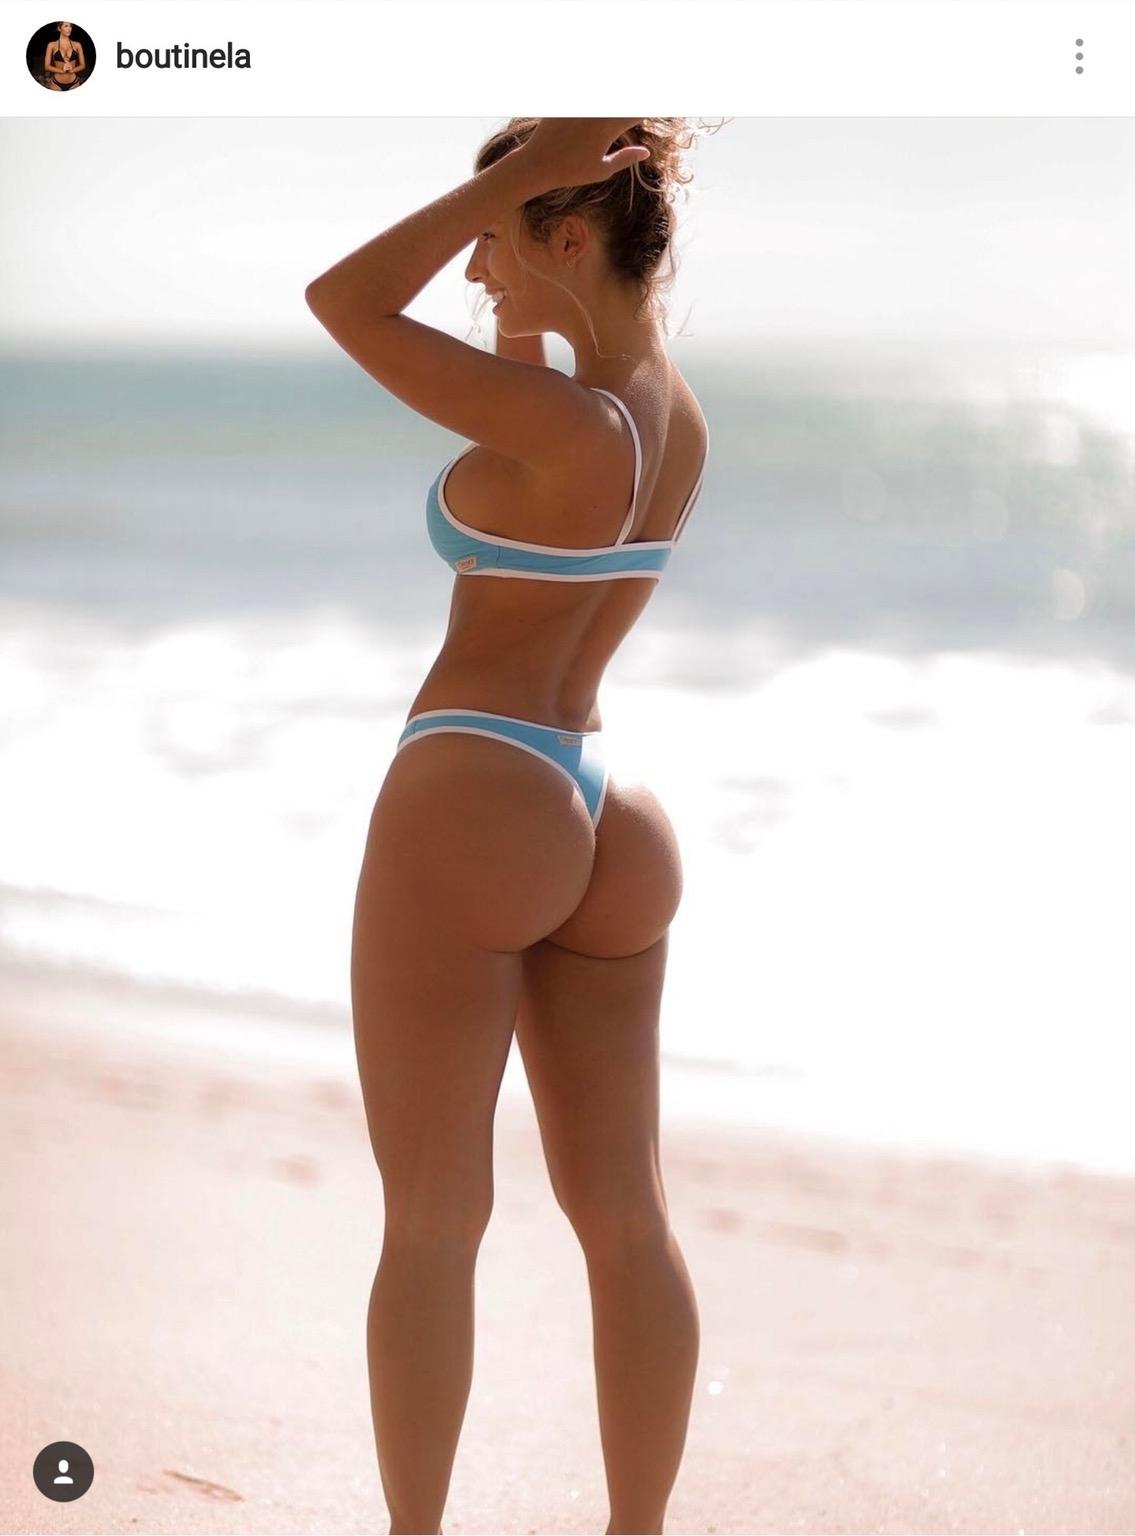 bikini, butt, ass, beach - ukimalefu | ello